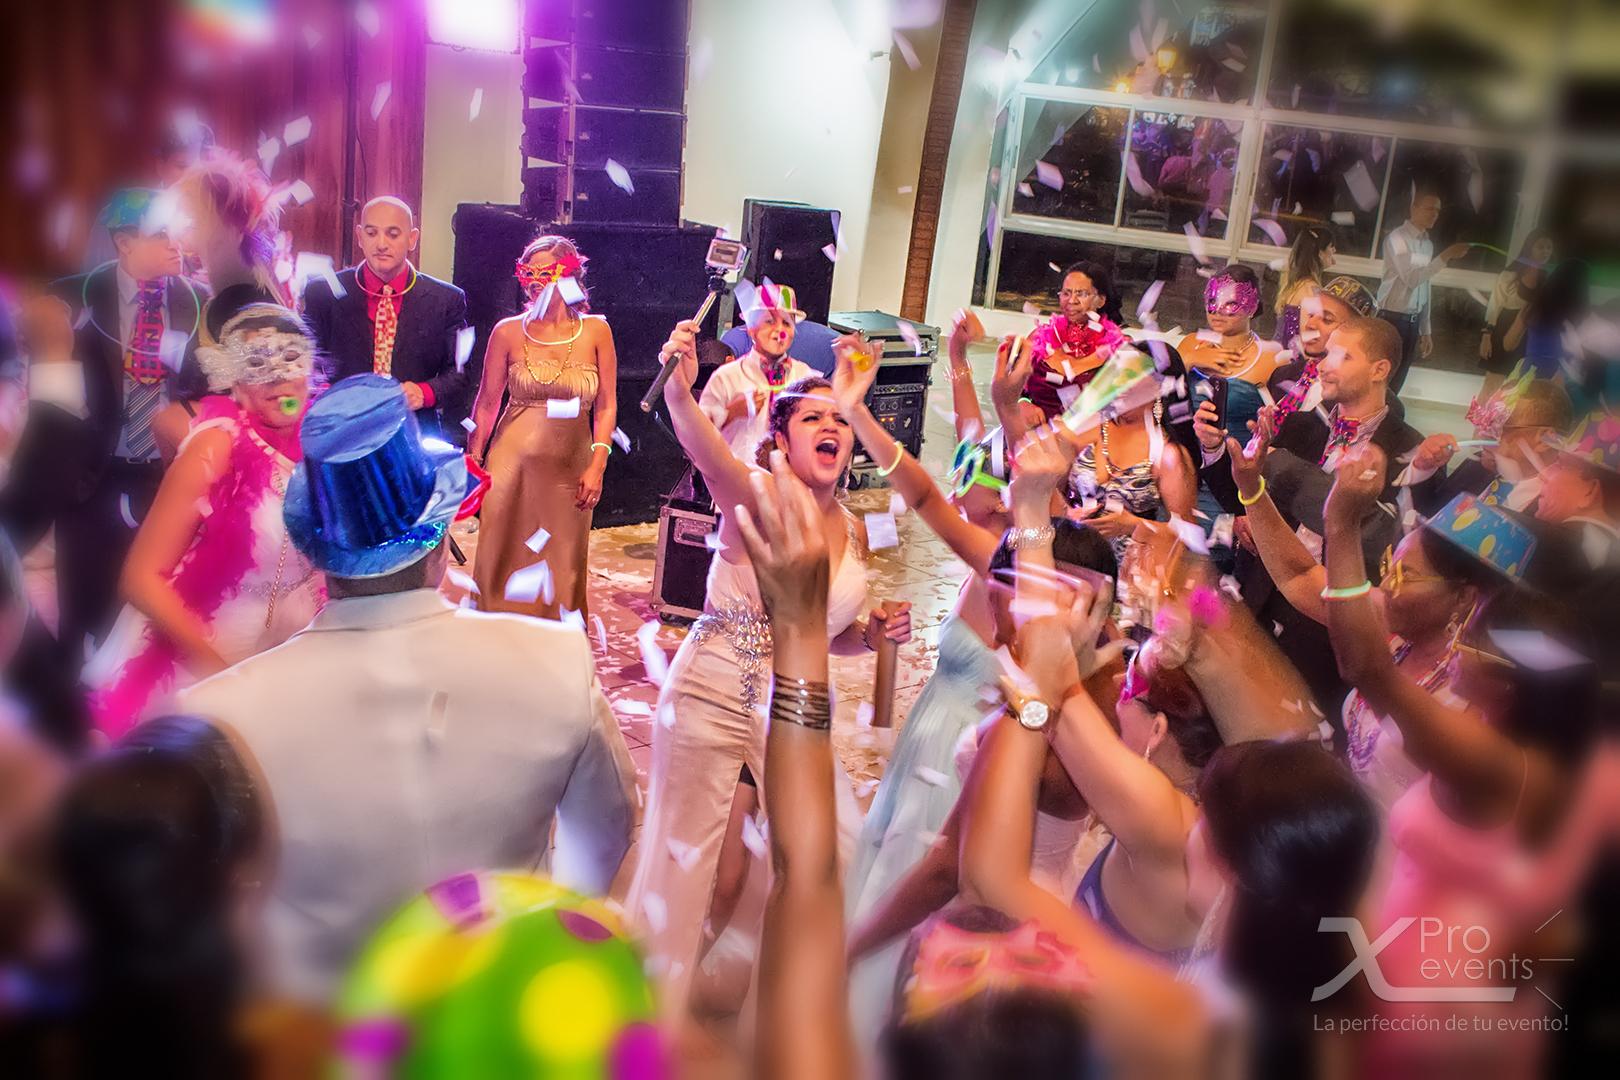 www.Xproevents.com - Confeti en la fiesta de boda.jpg